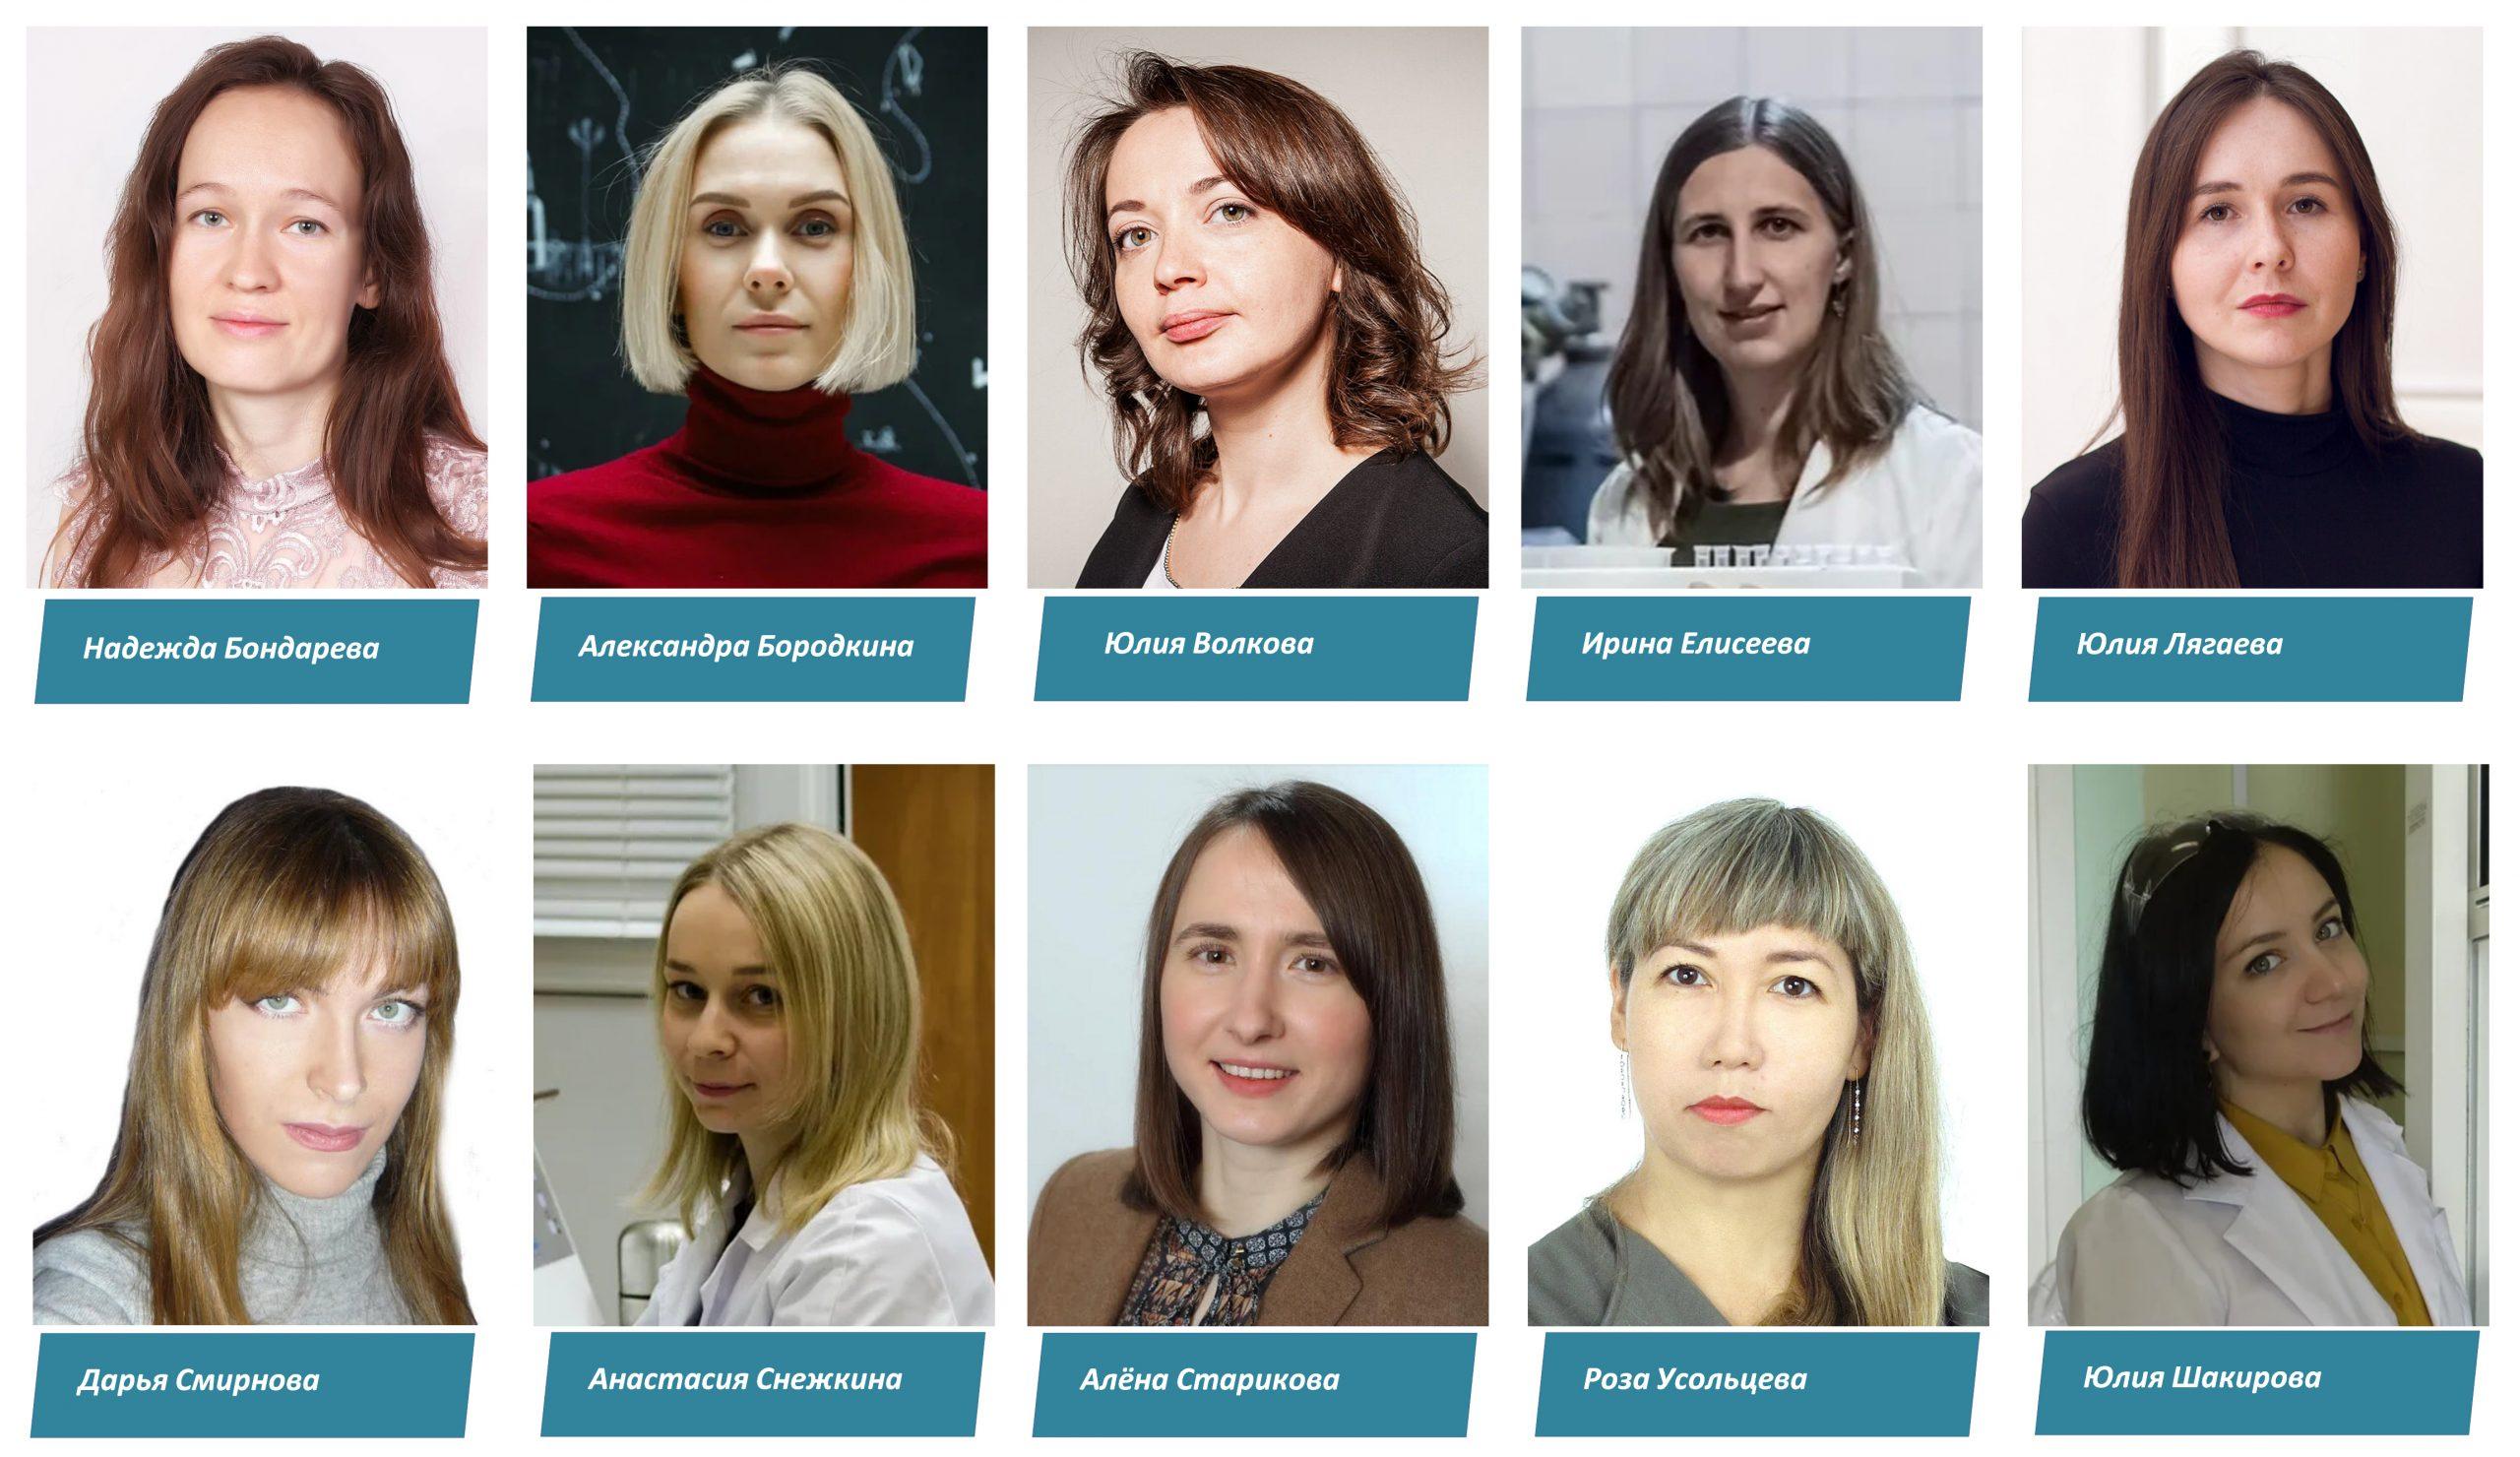 Премия «Для женщин в науке». Пятнадцатый сезон в России